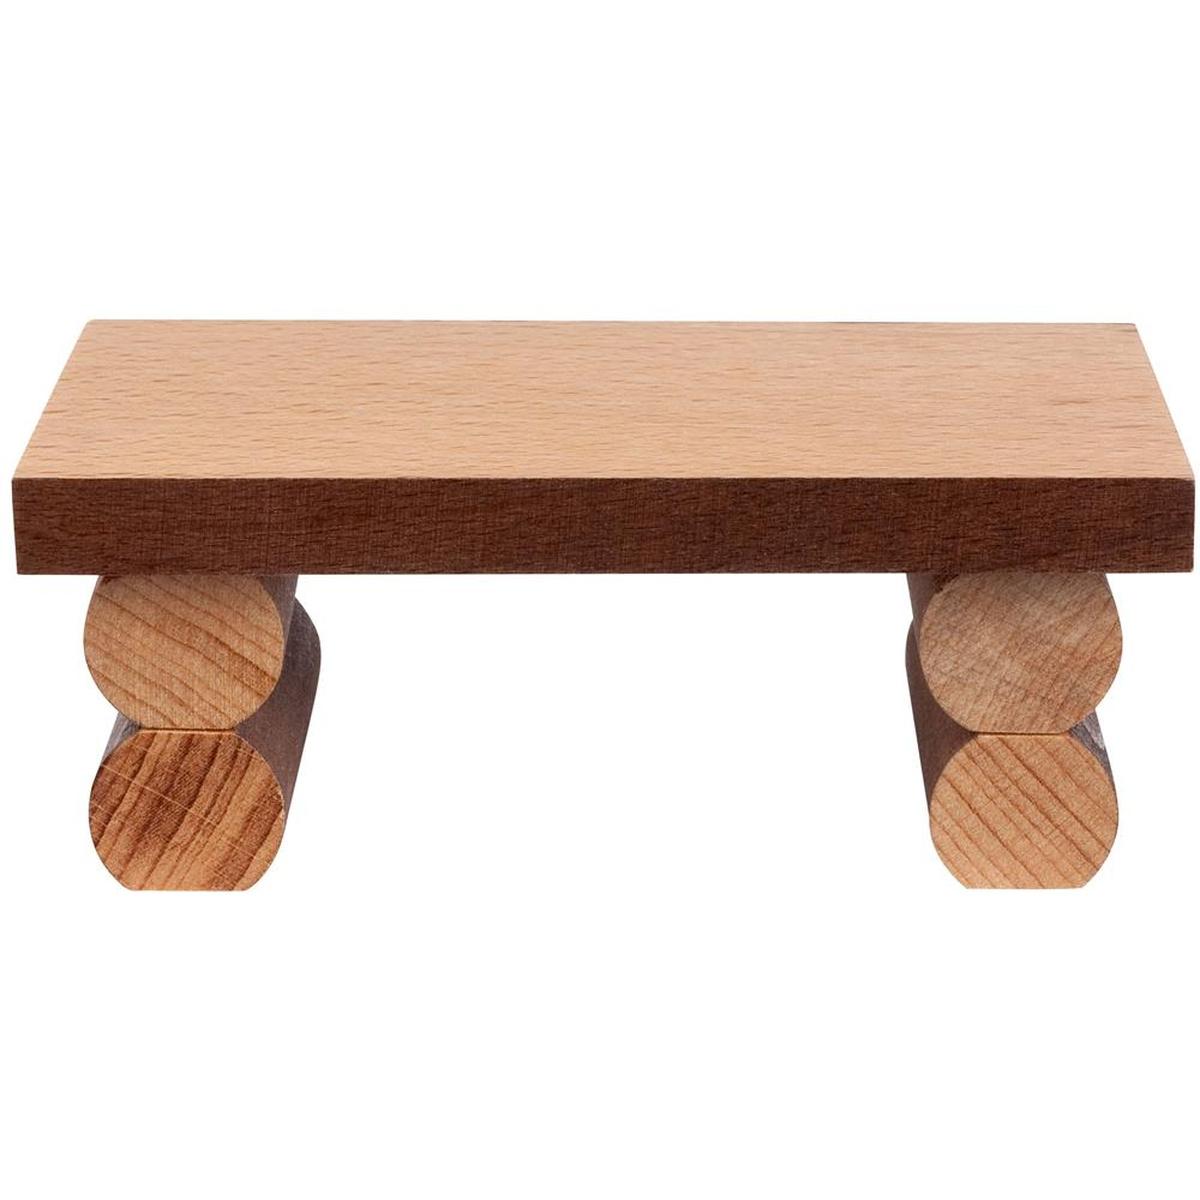 bank f r r ucherm nner kantenhocker von kwo f r 7 4 kaufen. Black Bedroom Furniture Sets. Home Design Ideas